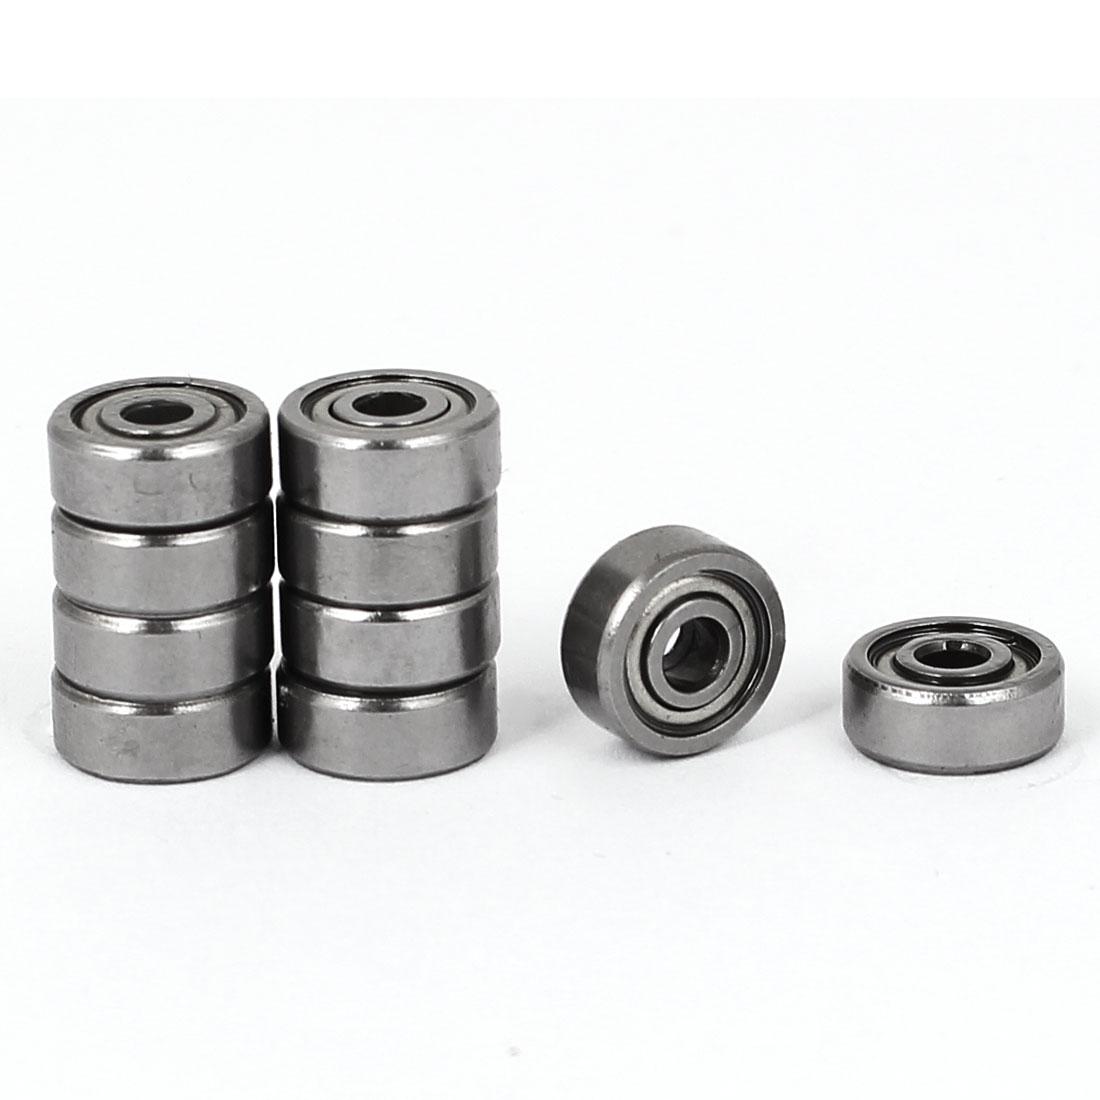 3mm x 10mm x 4mm Metal Flanged Ball Bearing 623zz Silver Tone 10pcs